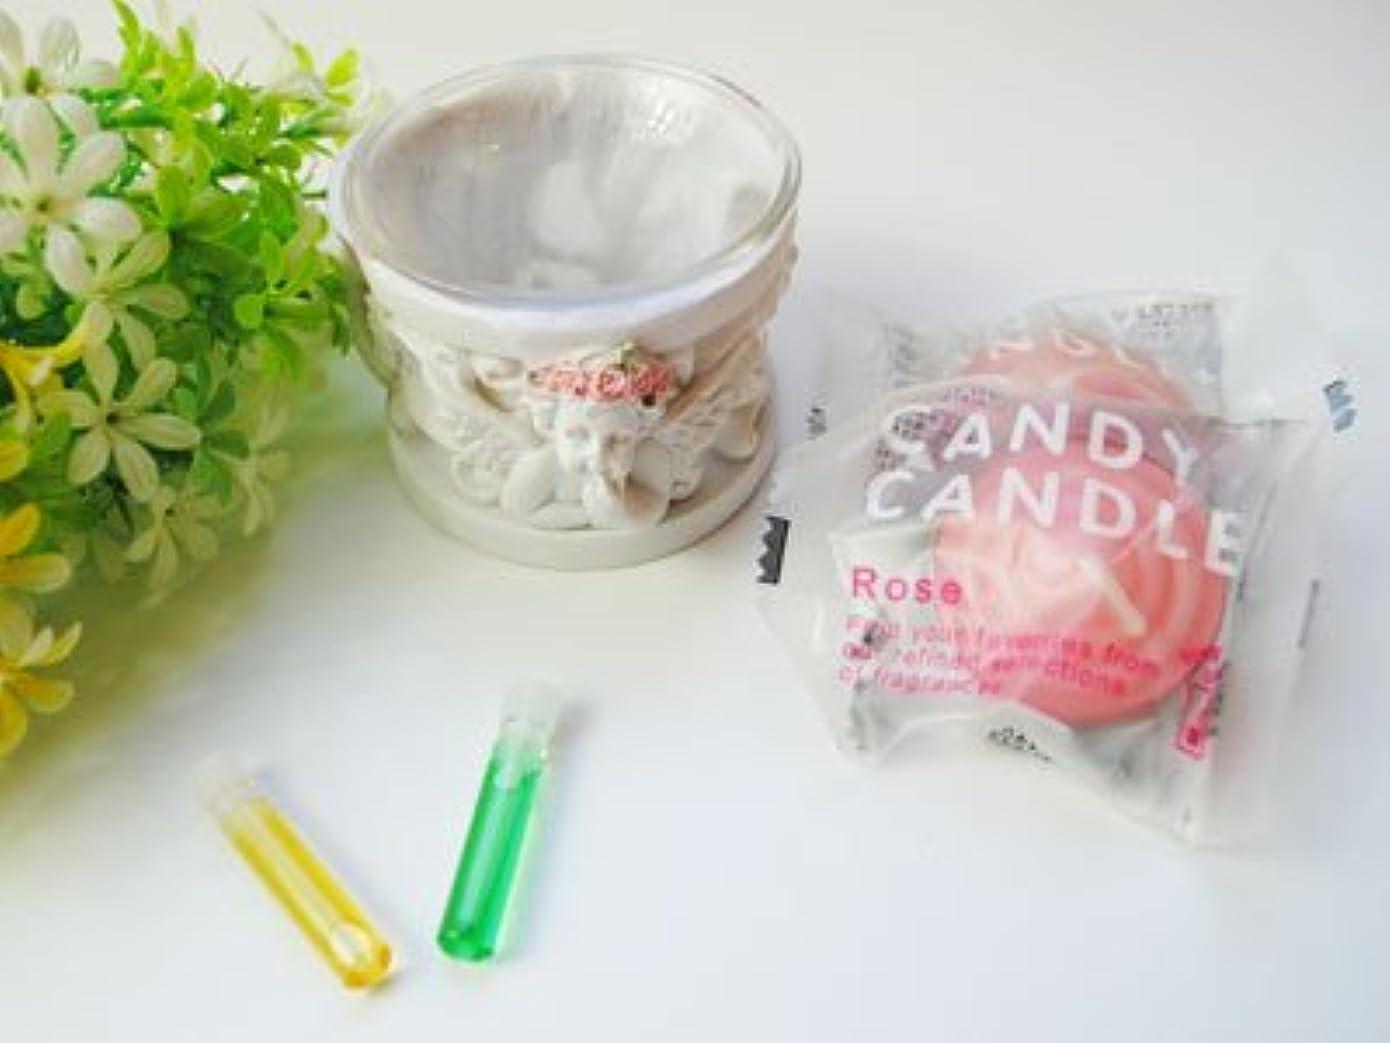 小競り合い靄トレイHappy キャンドルセット セットでお得 天使のキャンドルホルダー キャンドル メモリーオイルプレゼント